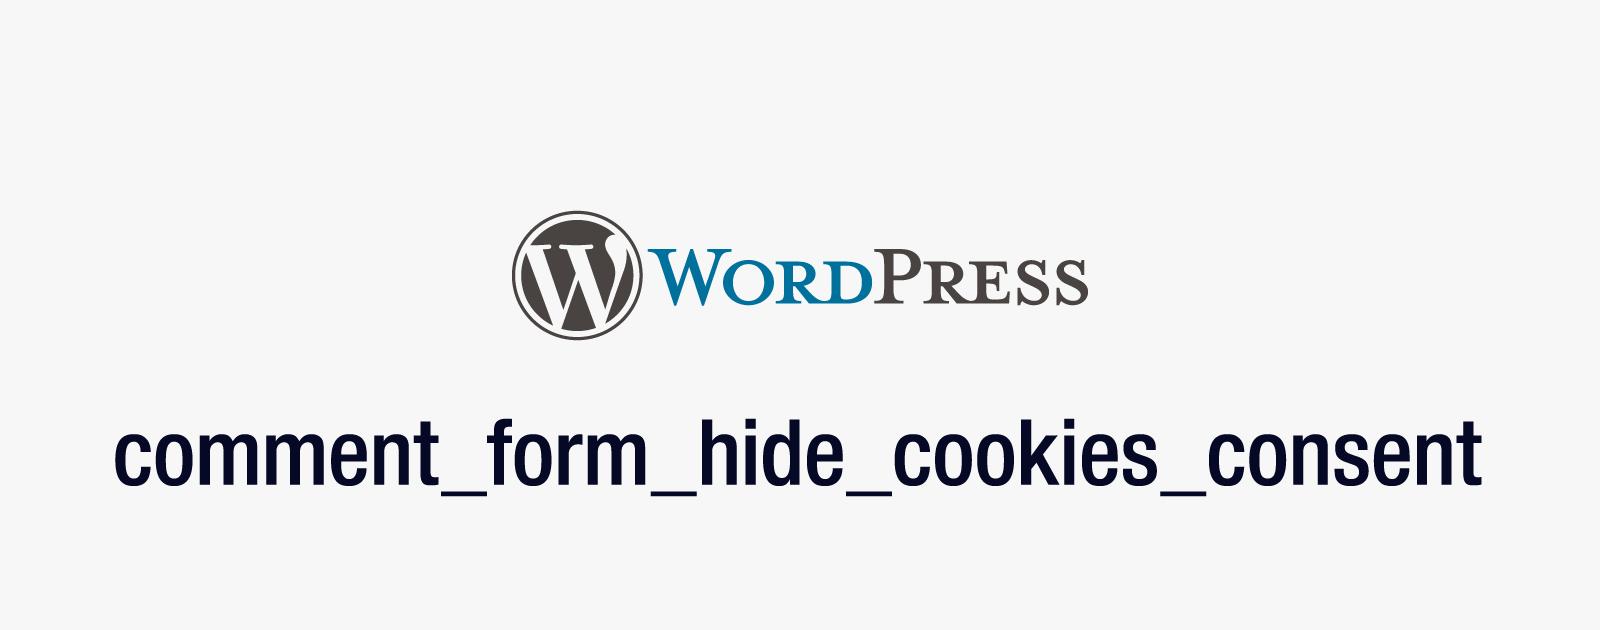 WordPressのコメント欄にある「次のHTML タグと属性が使えます」を消す方法